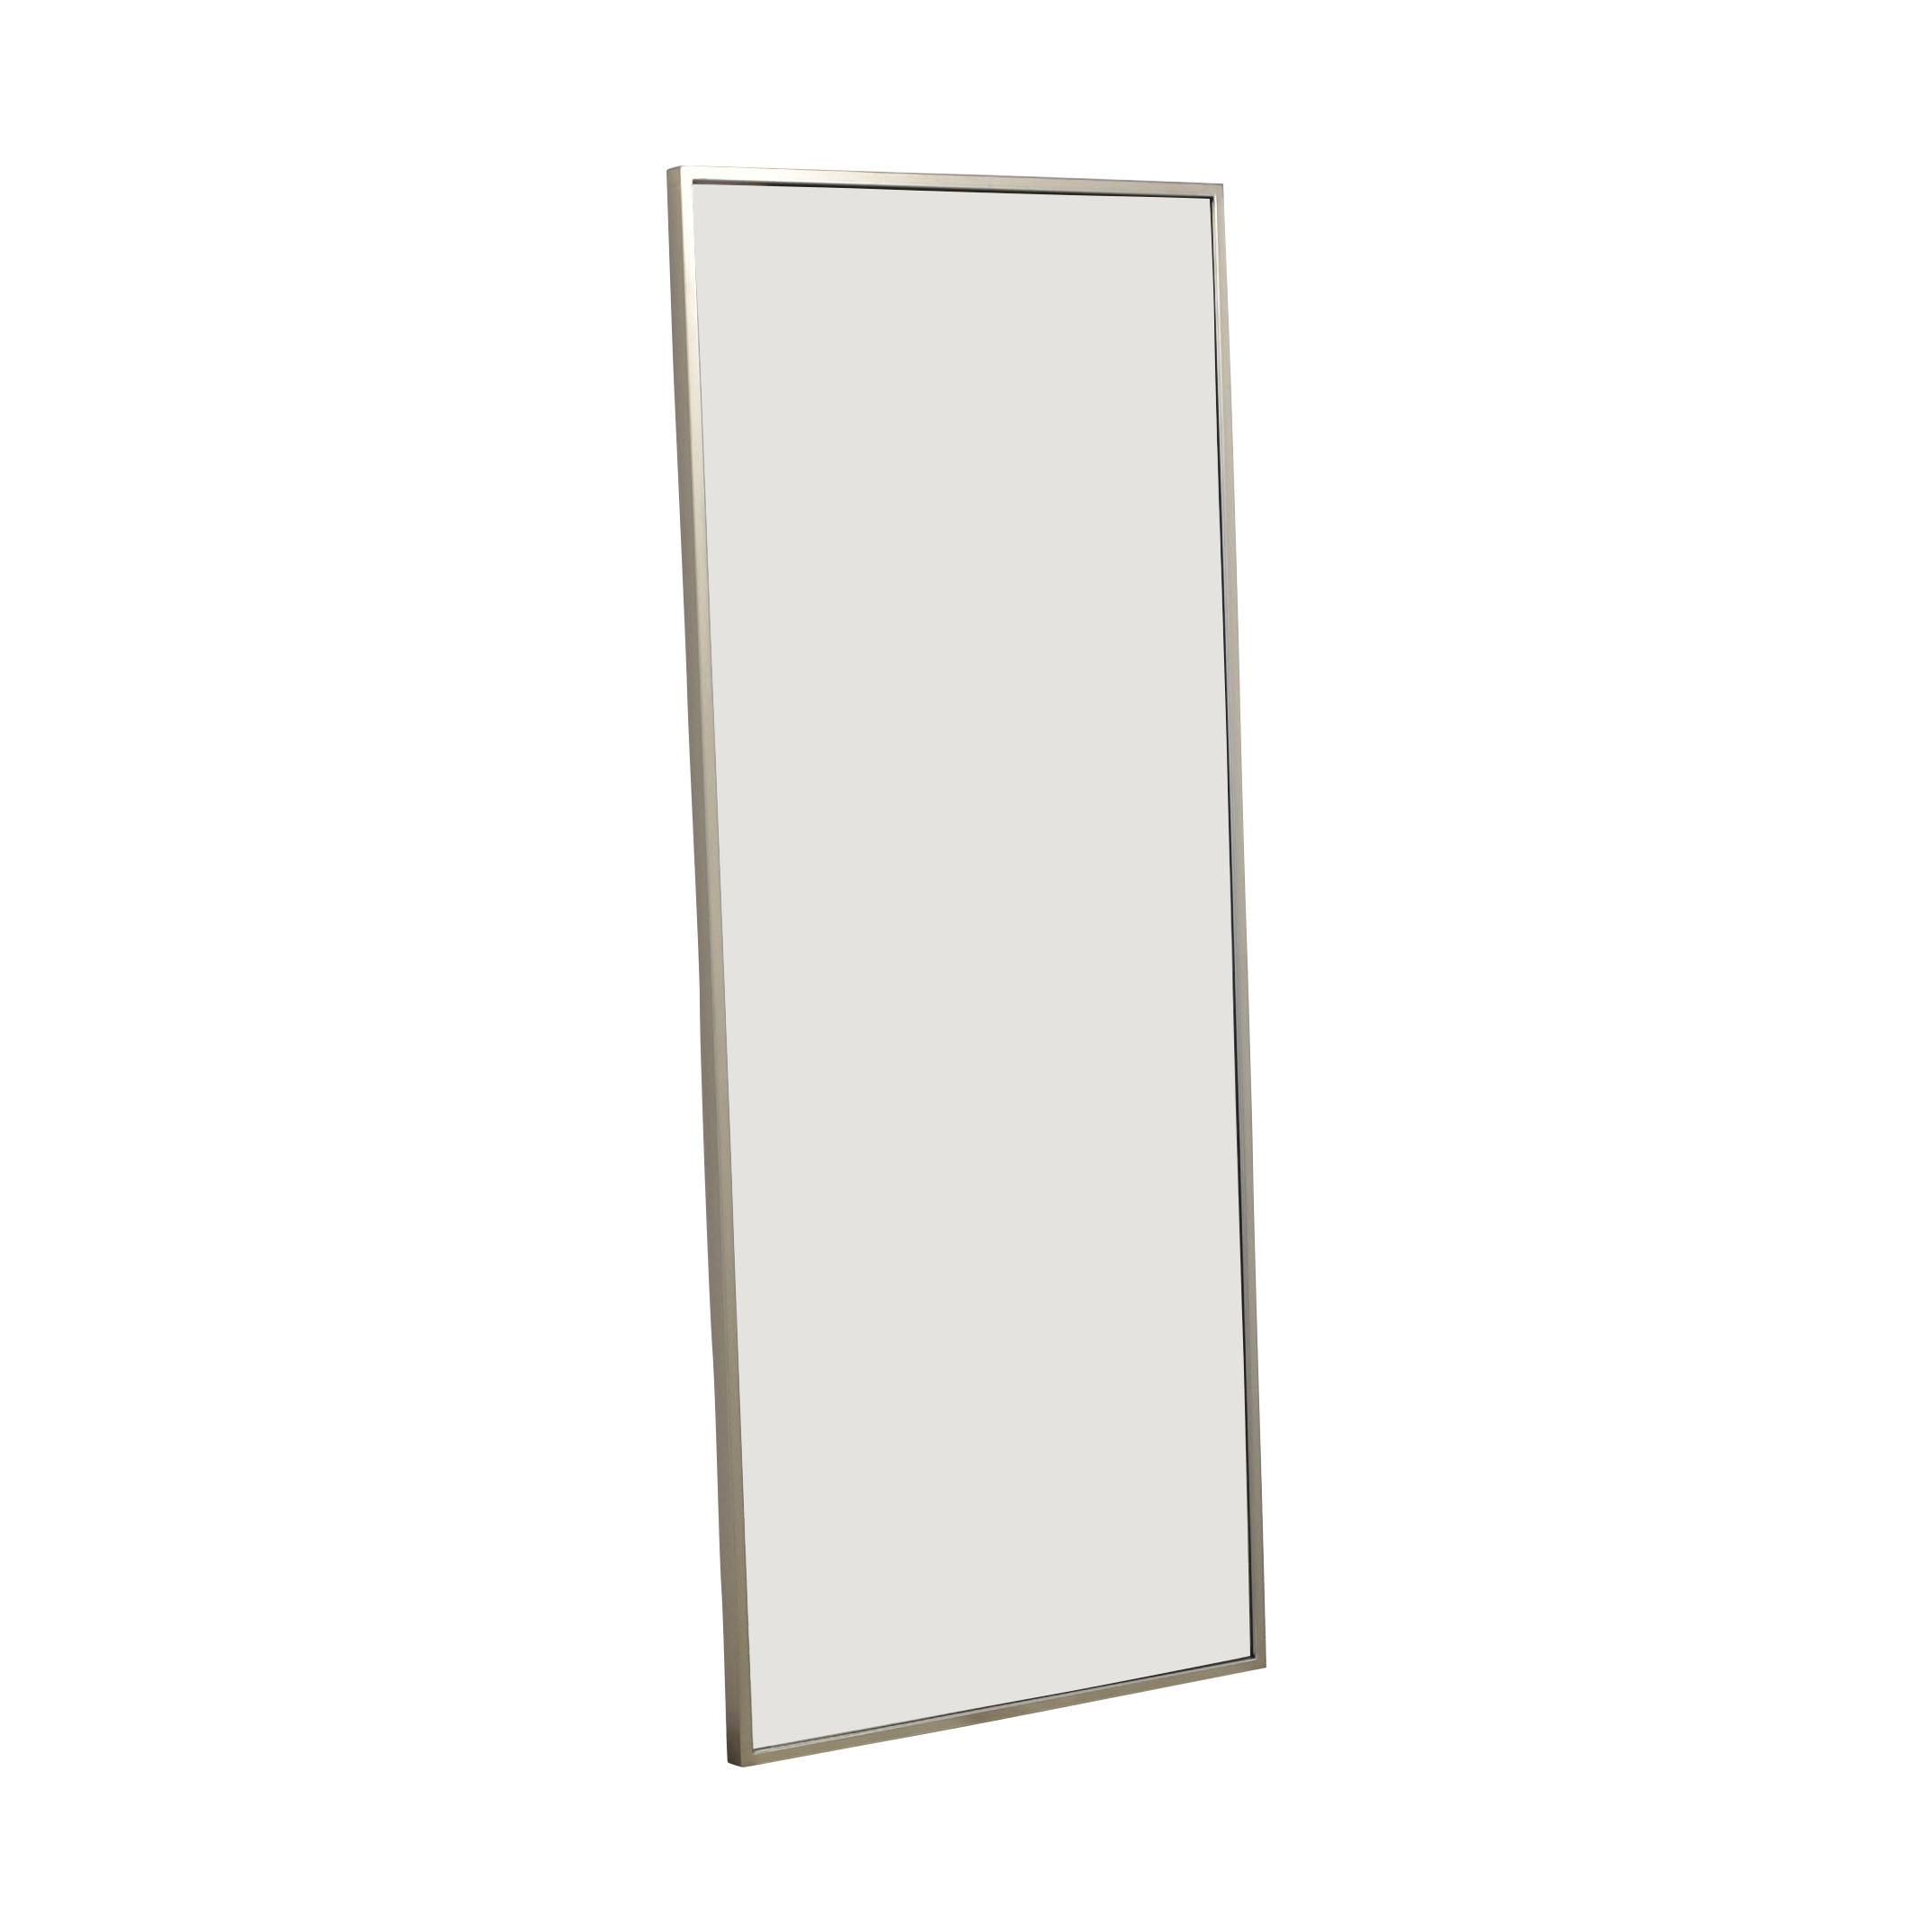 West Elm West Elm Metal Floor Mirror in Brushed Nickel ma